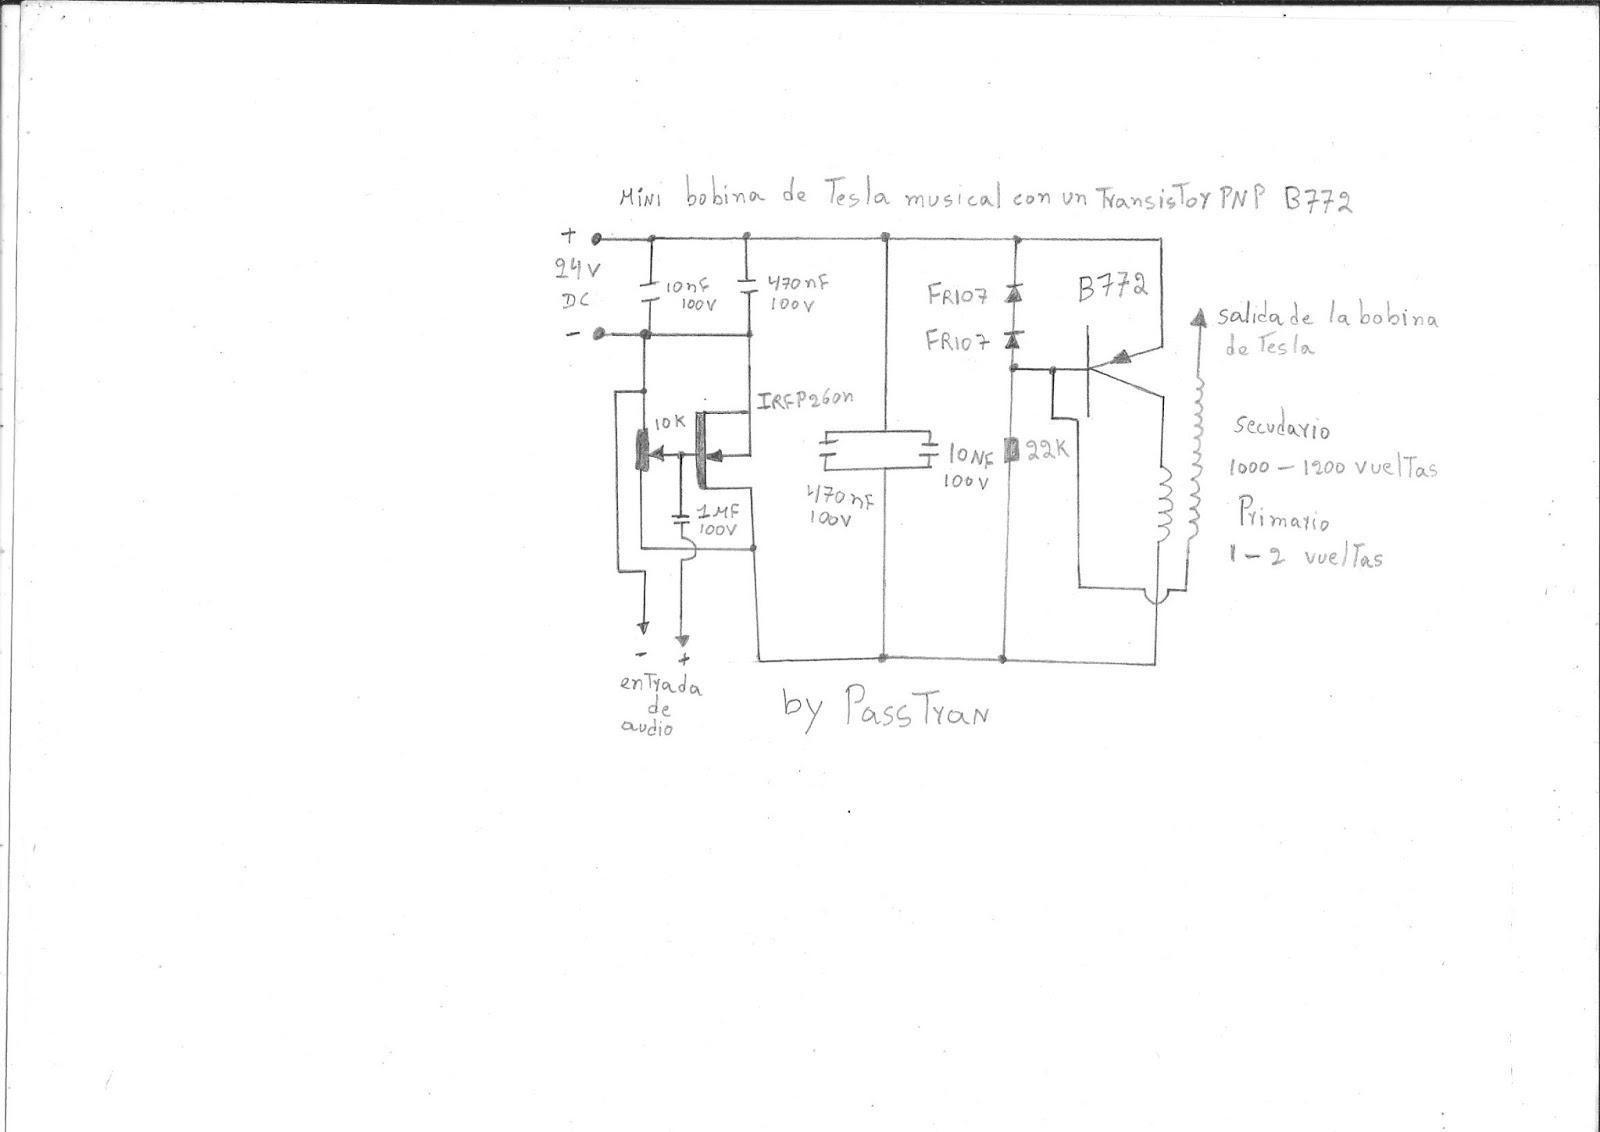 Circuito Bobina De Tesla : Ponyelectronica como hacer una mini bobina de tesla musical